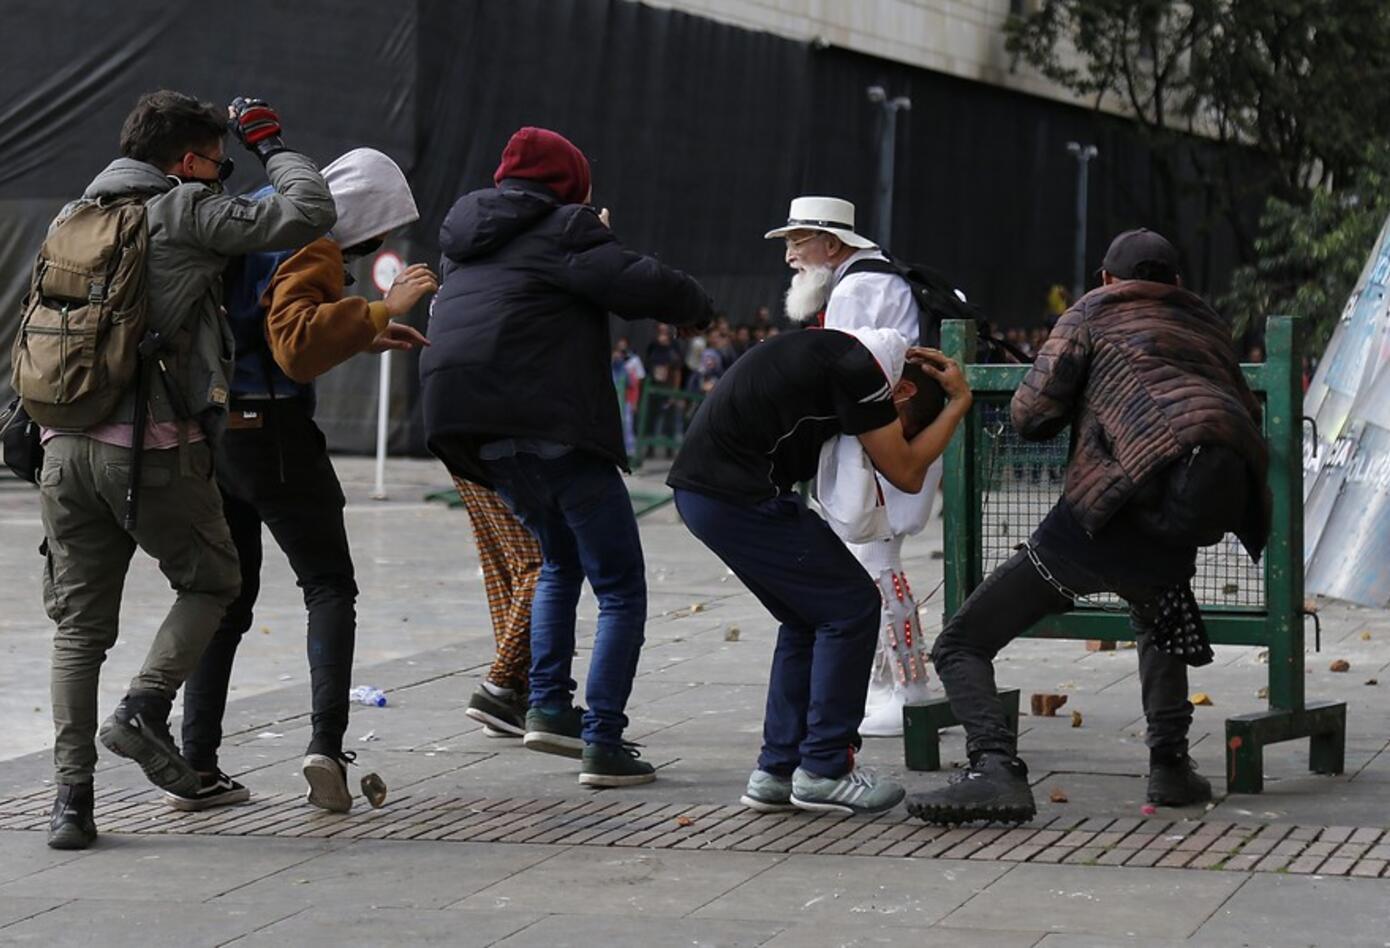 El Palomo por la Paz trató de mediar con los vándalos para que cesaran la violencia.